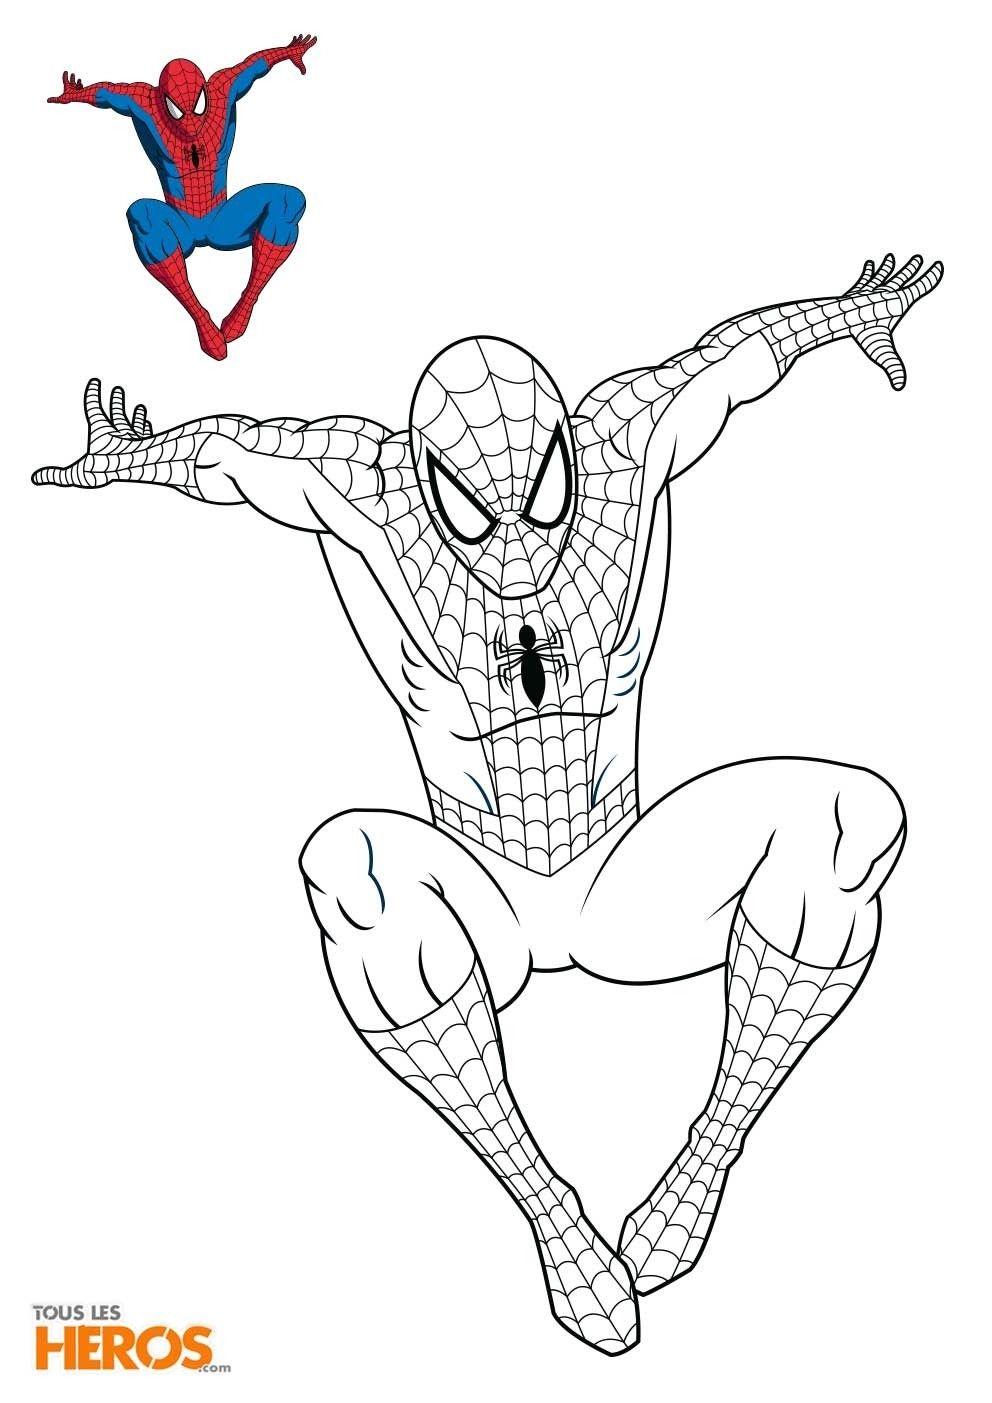 Coloriage Gratuit A Imprimer Spiderman Avengers Coloring Pages Avengers Coloring Spiderman Coloring